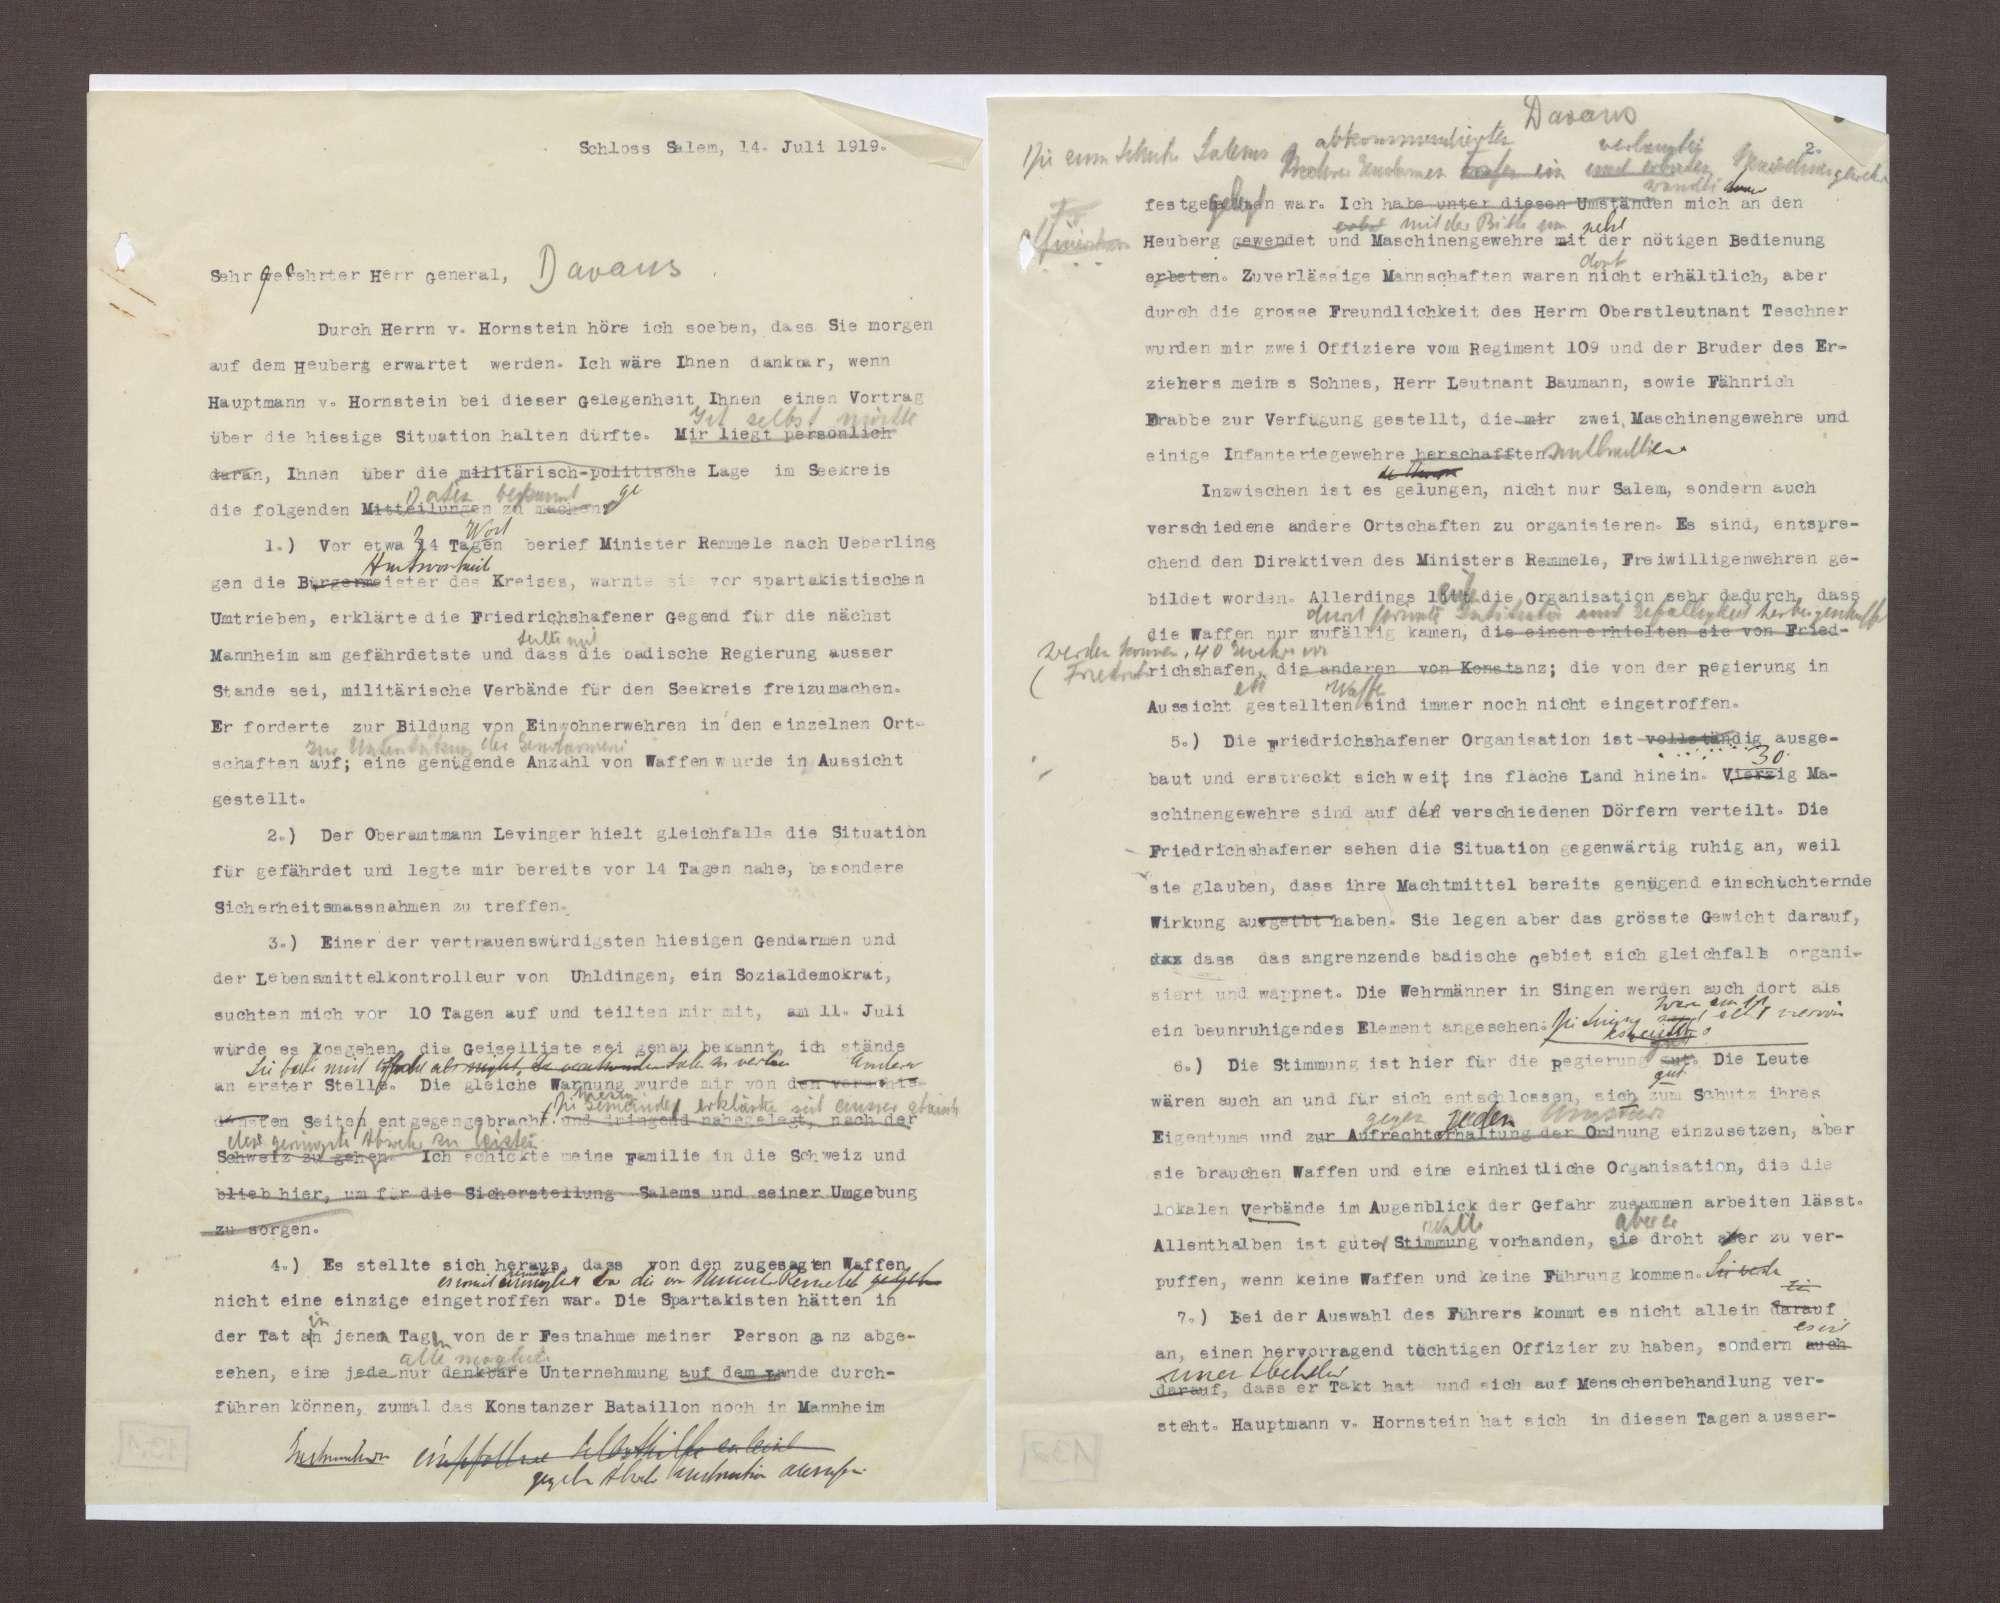 Schreiben von Prinz Max von Baden an Julius von Dawans; Politische Lage im Seekreis; Spartakisten in Friedrichshafen und Bedrohung der Familie Max von Badens, Bild 1